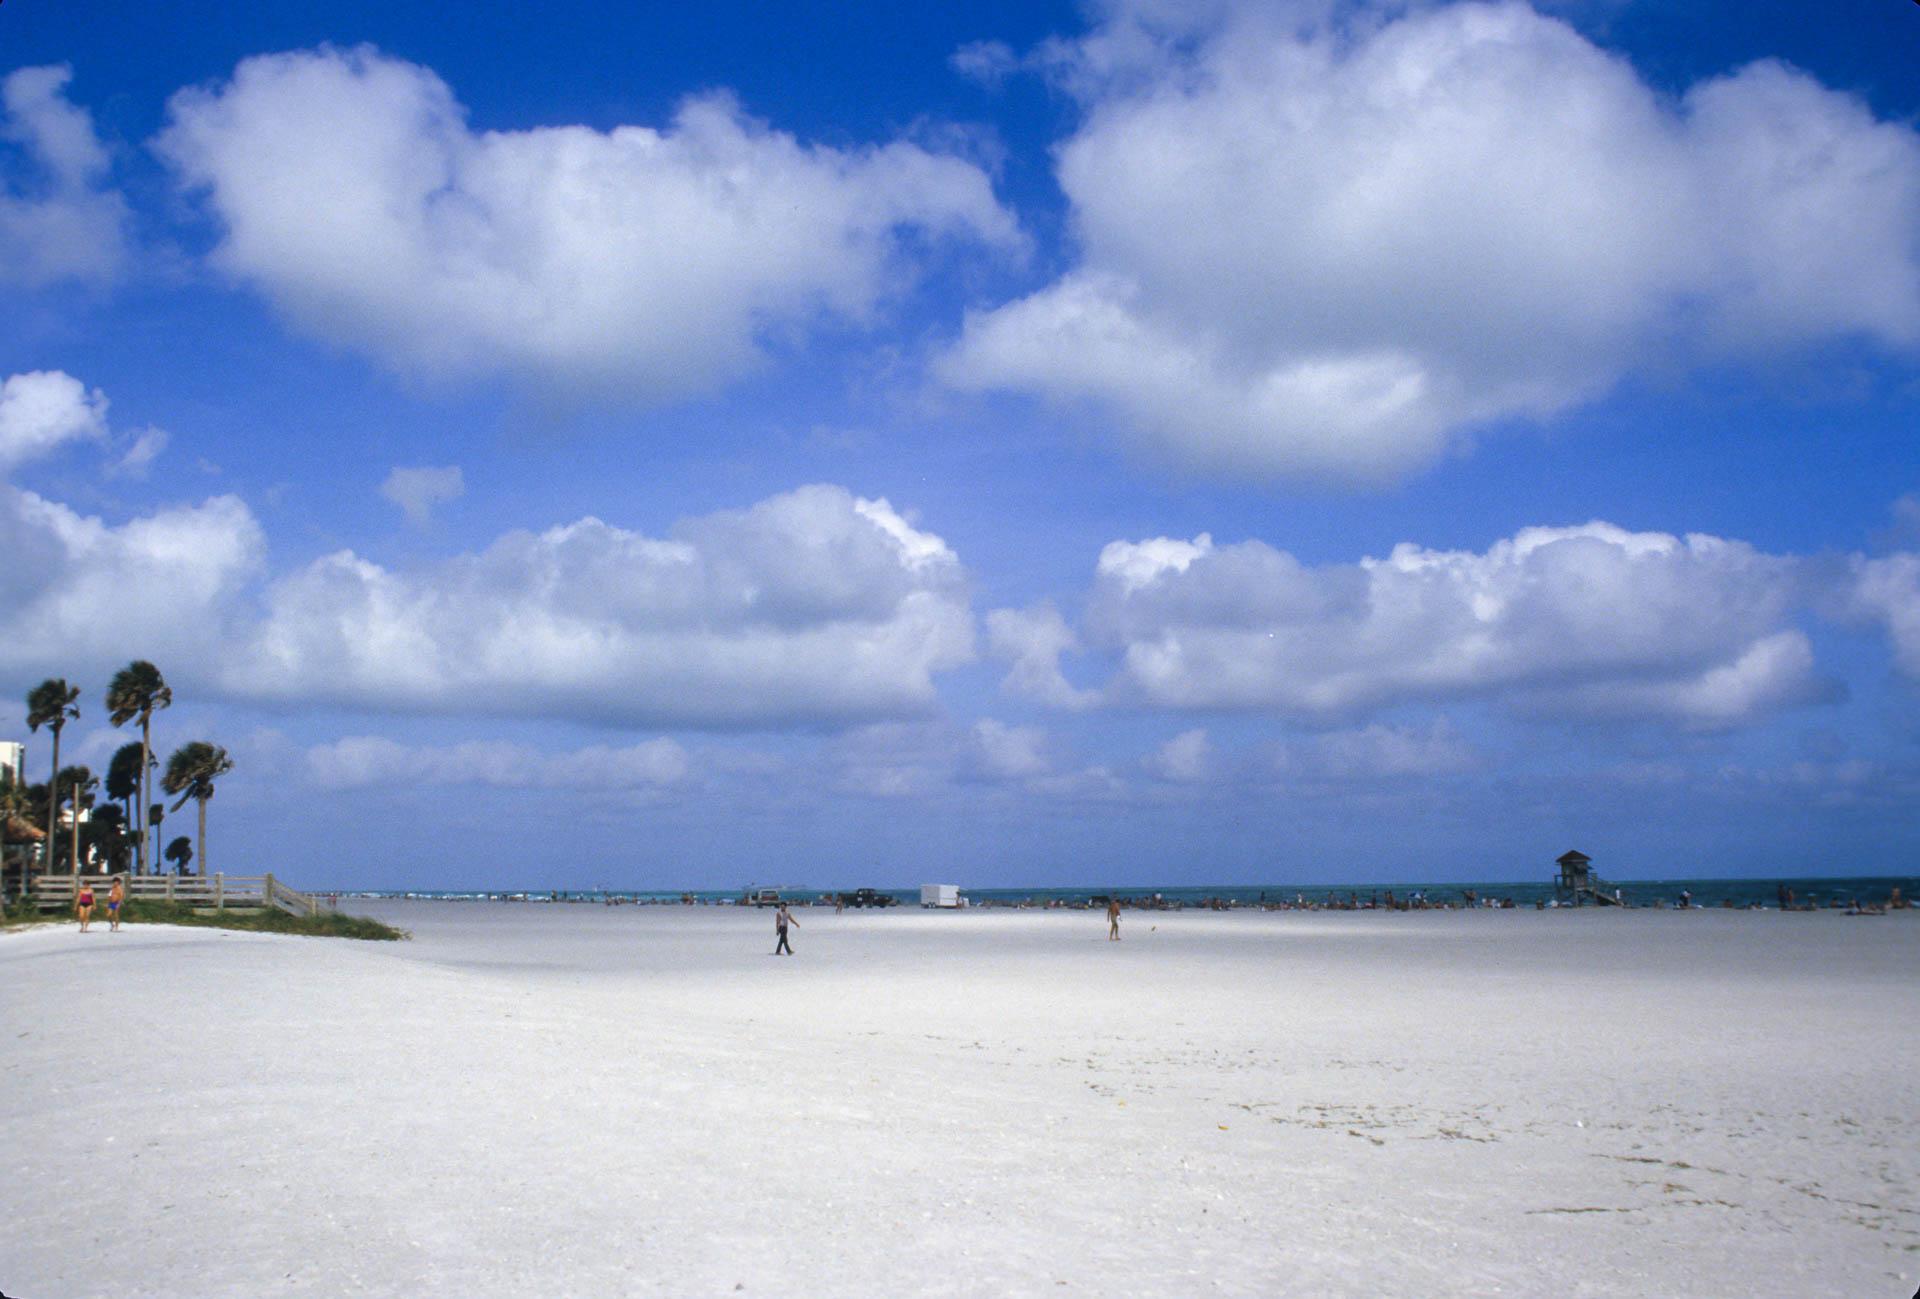 Miami Beach, just before Christmas. Warm air, warm sand :-)